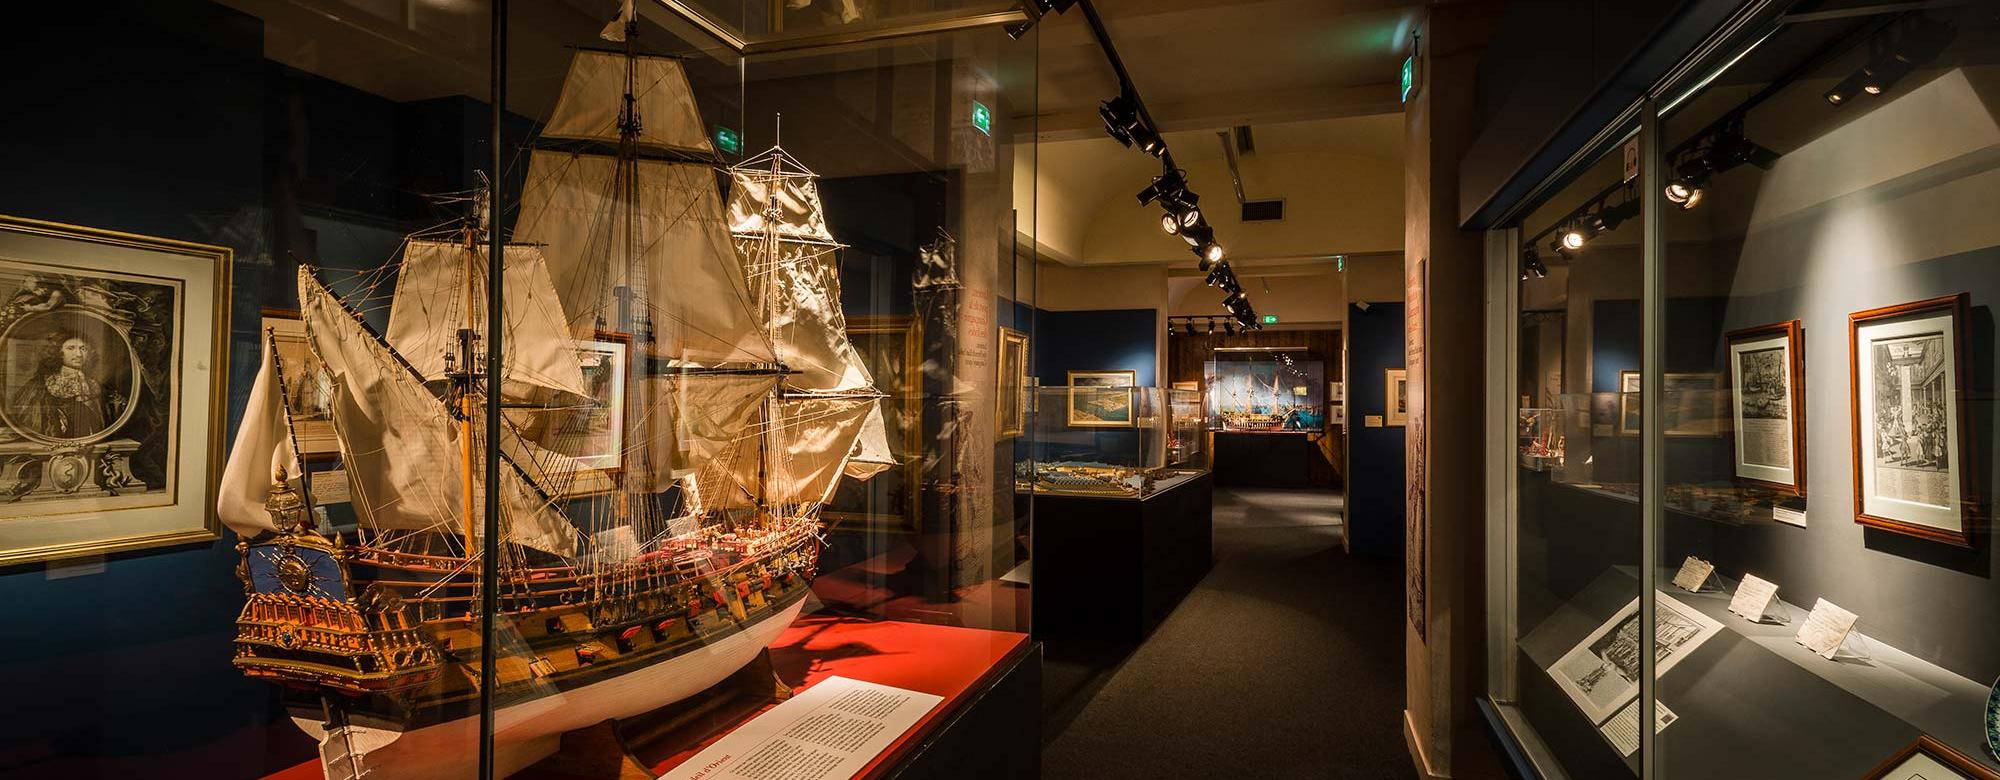 Maquette de bateau au musée de la Compagnie des Indes à la Citadelle de Port-Louis